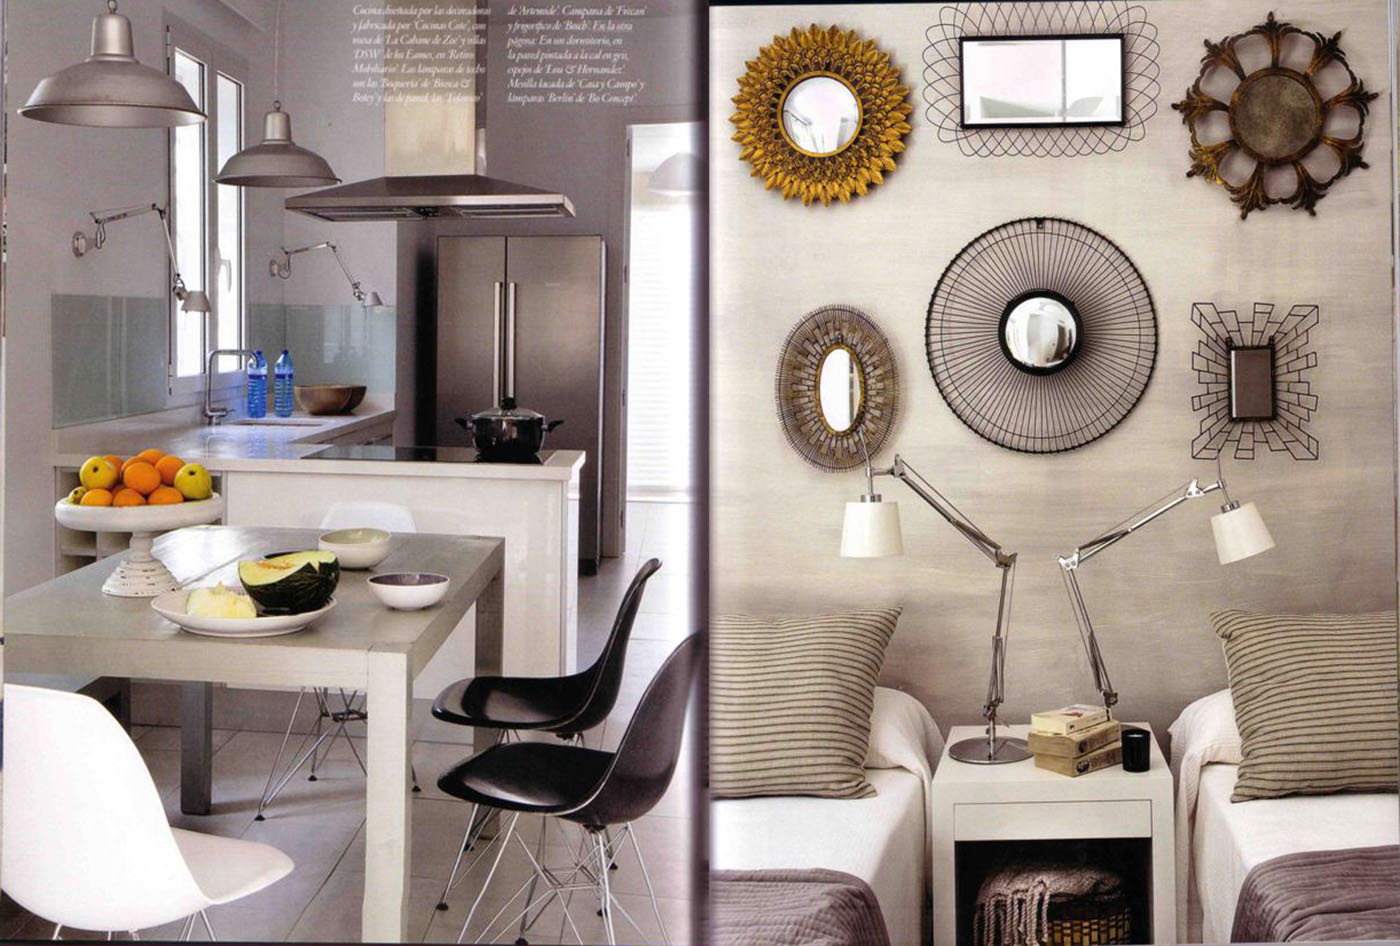 revista-ad-melian_randolph-julio_agosto-2011-8